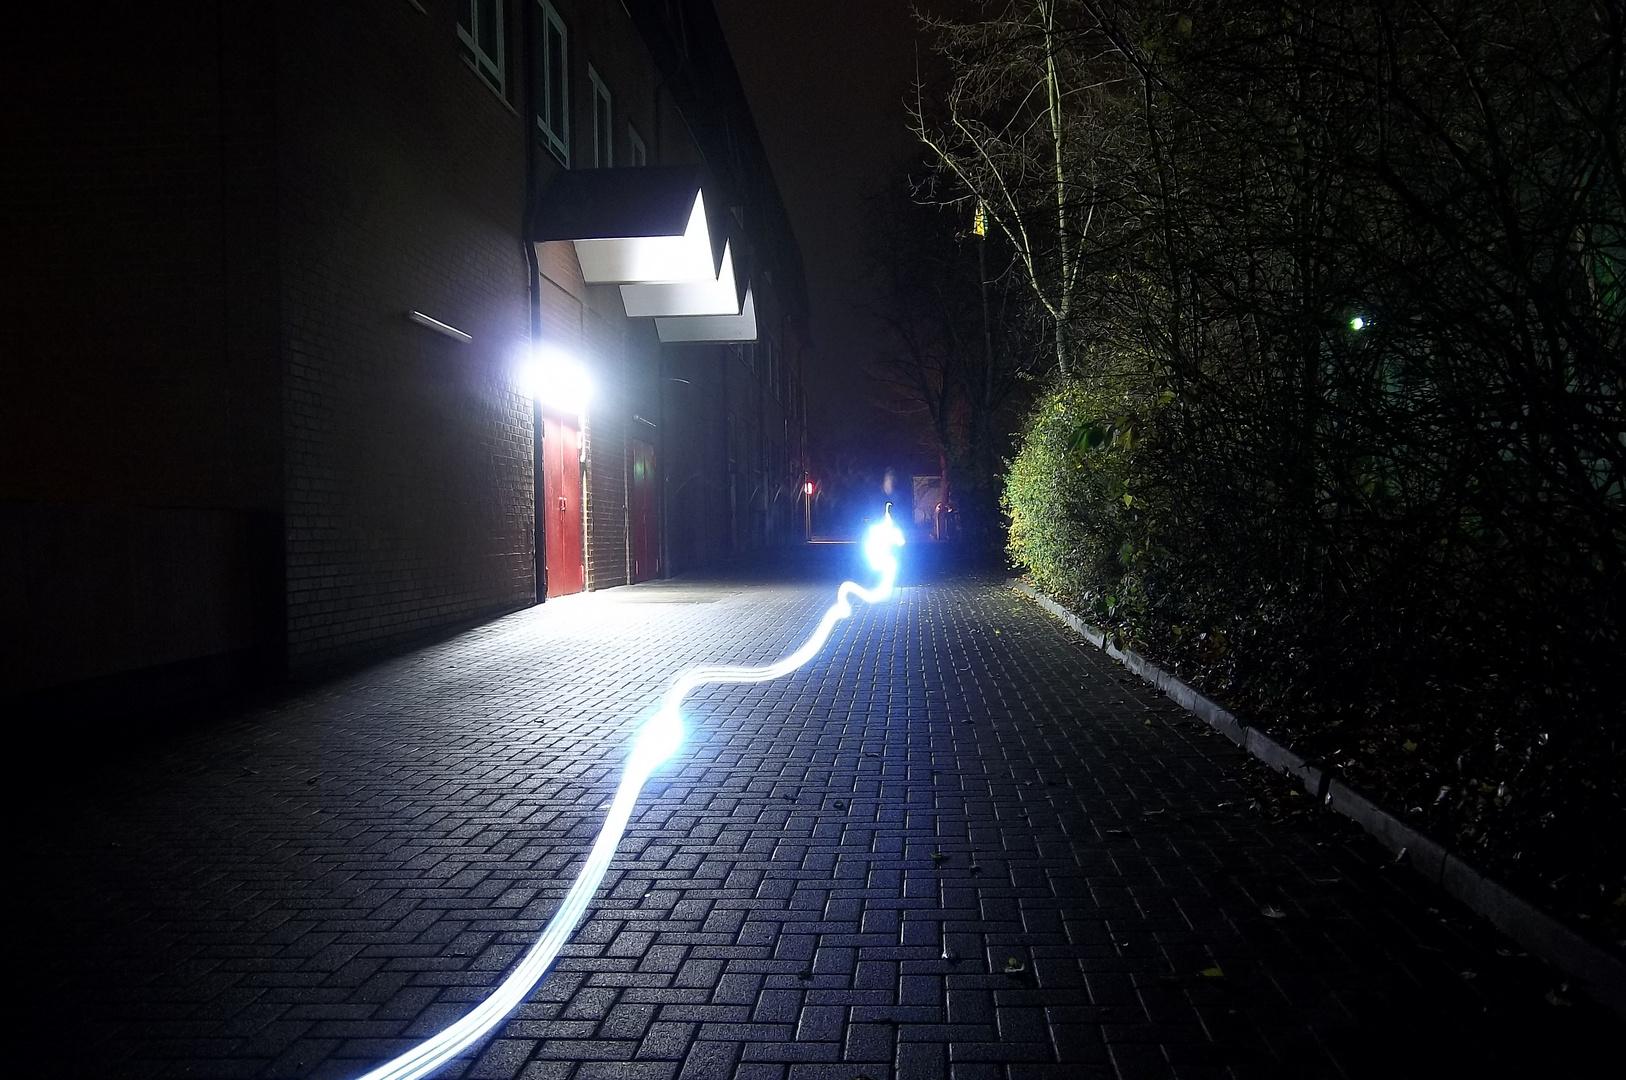 Lichtspielerei